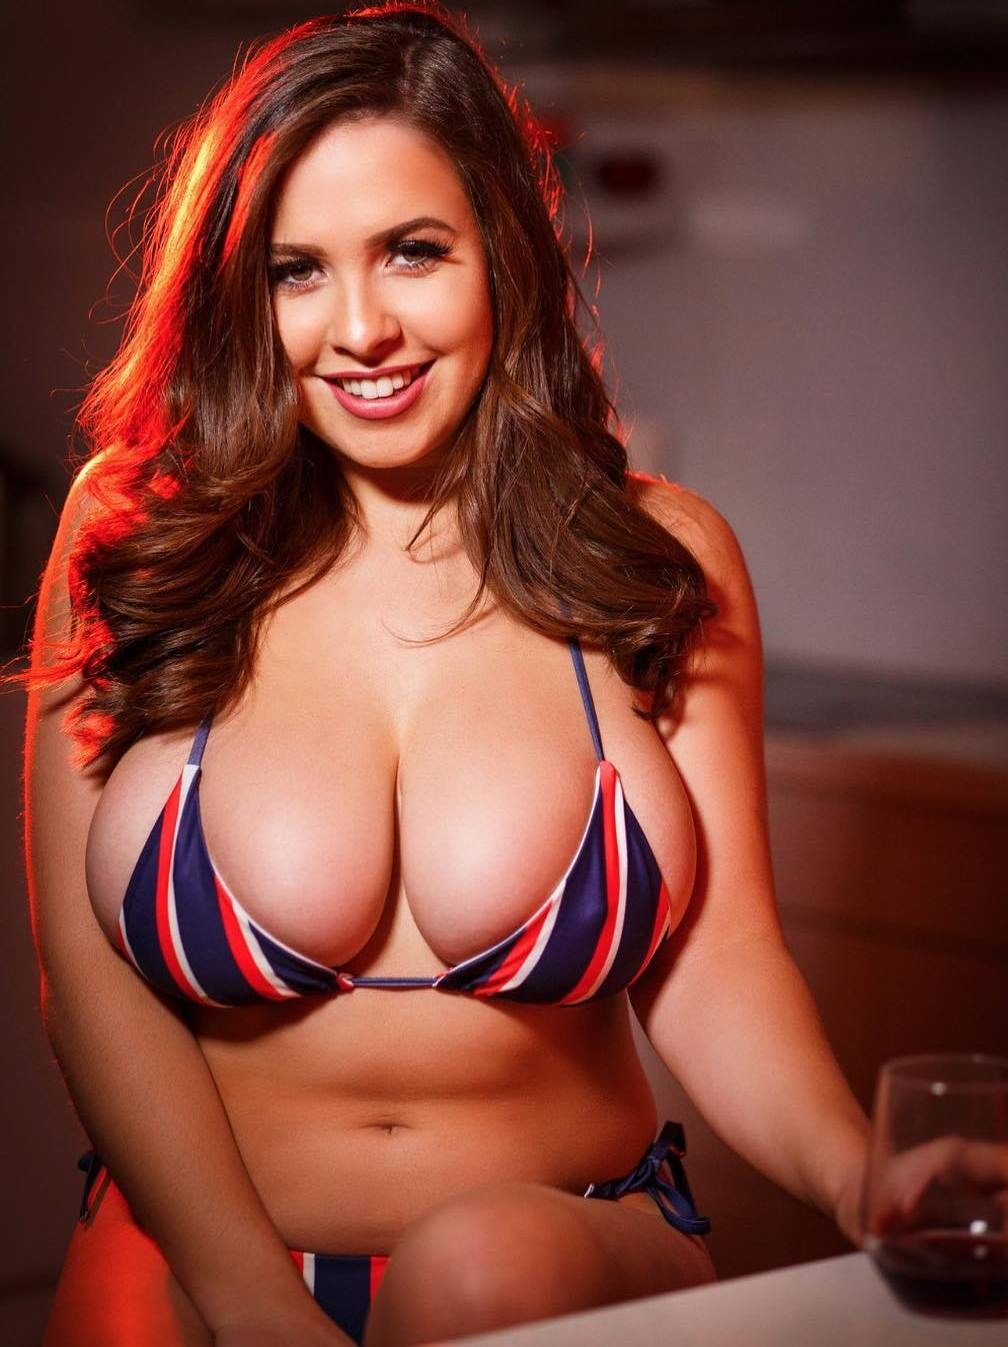 Ruby May boobs in tiny bikini top